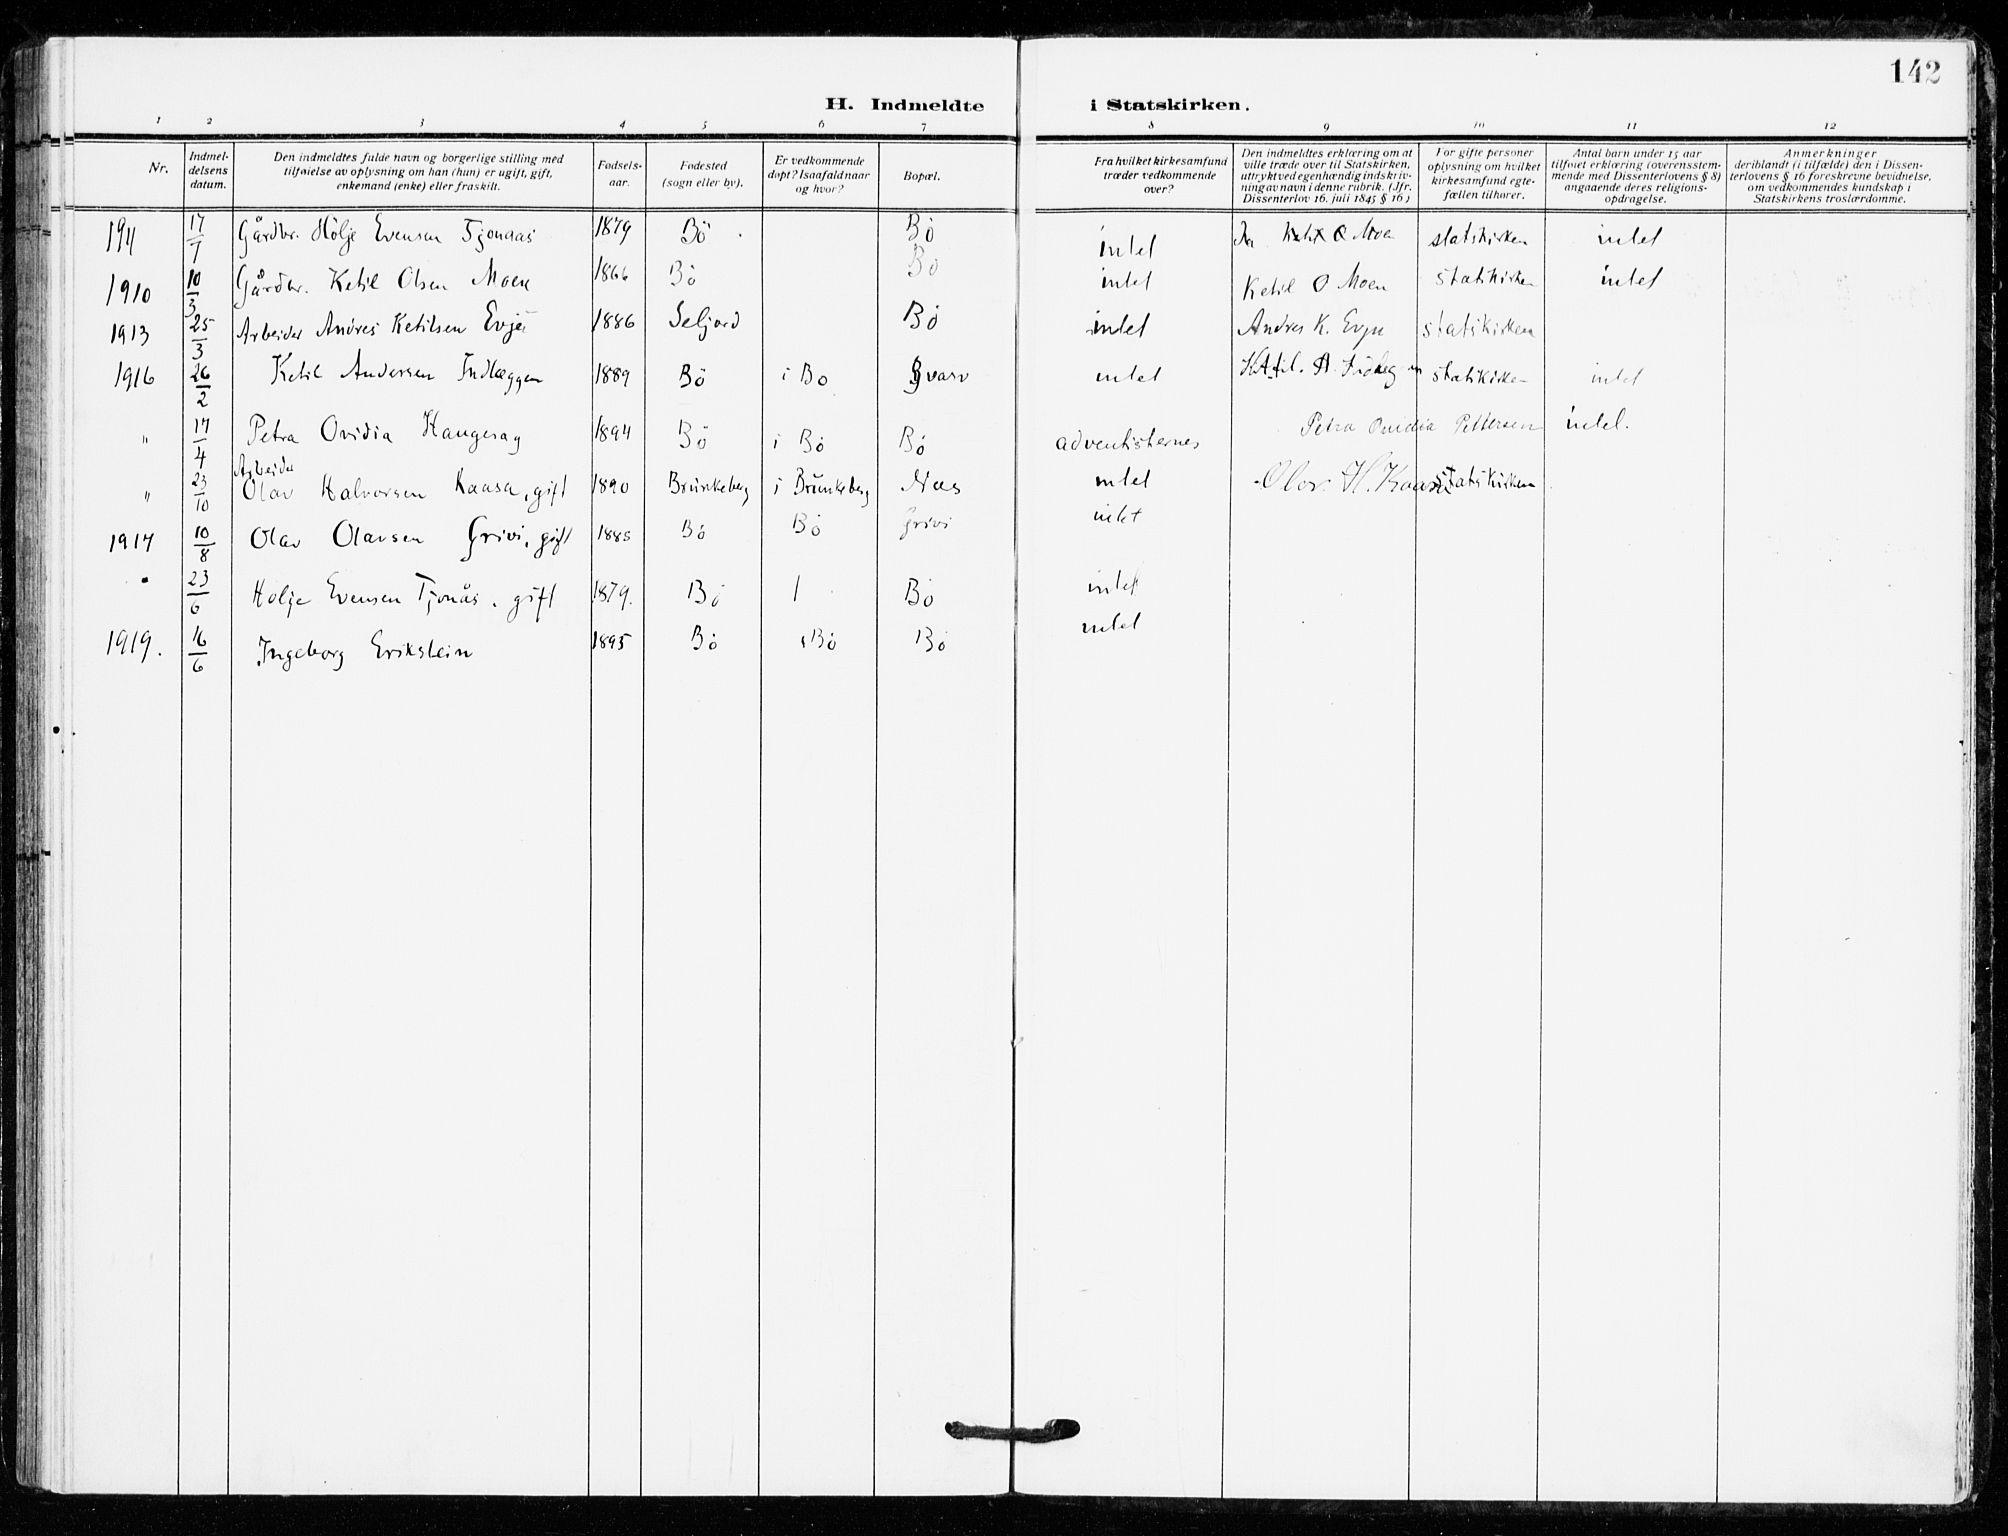 SAKO, Bø kirkebøker, F/Fa/L0013: Ministerialbok nr. 13, 1909-1921, s. 142